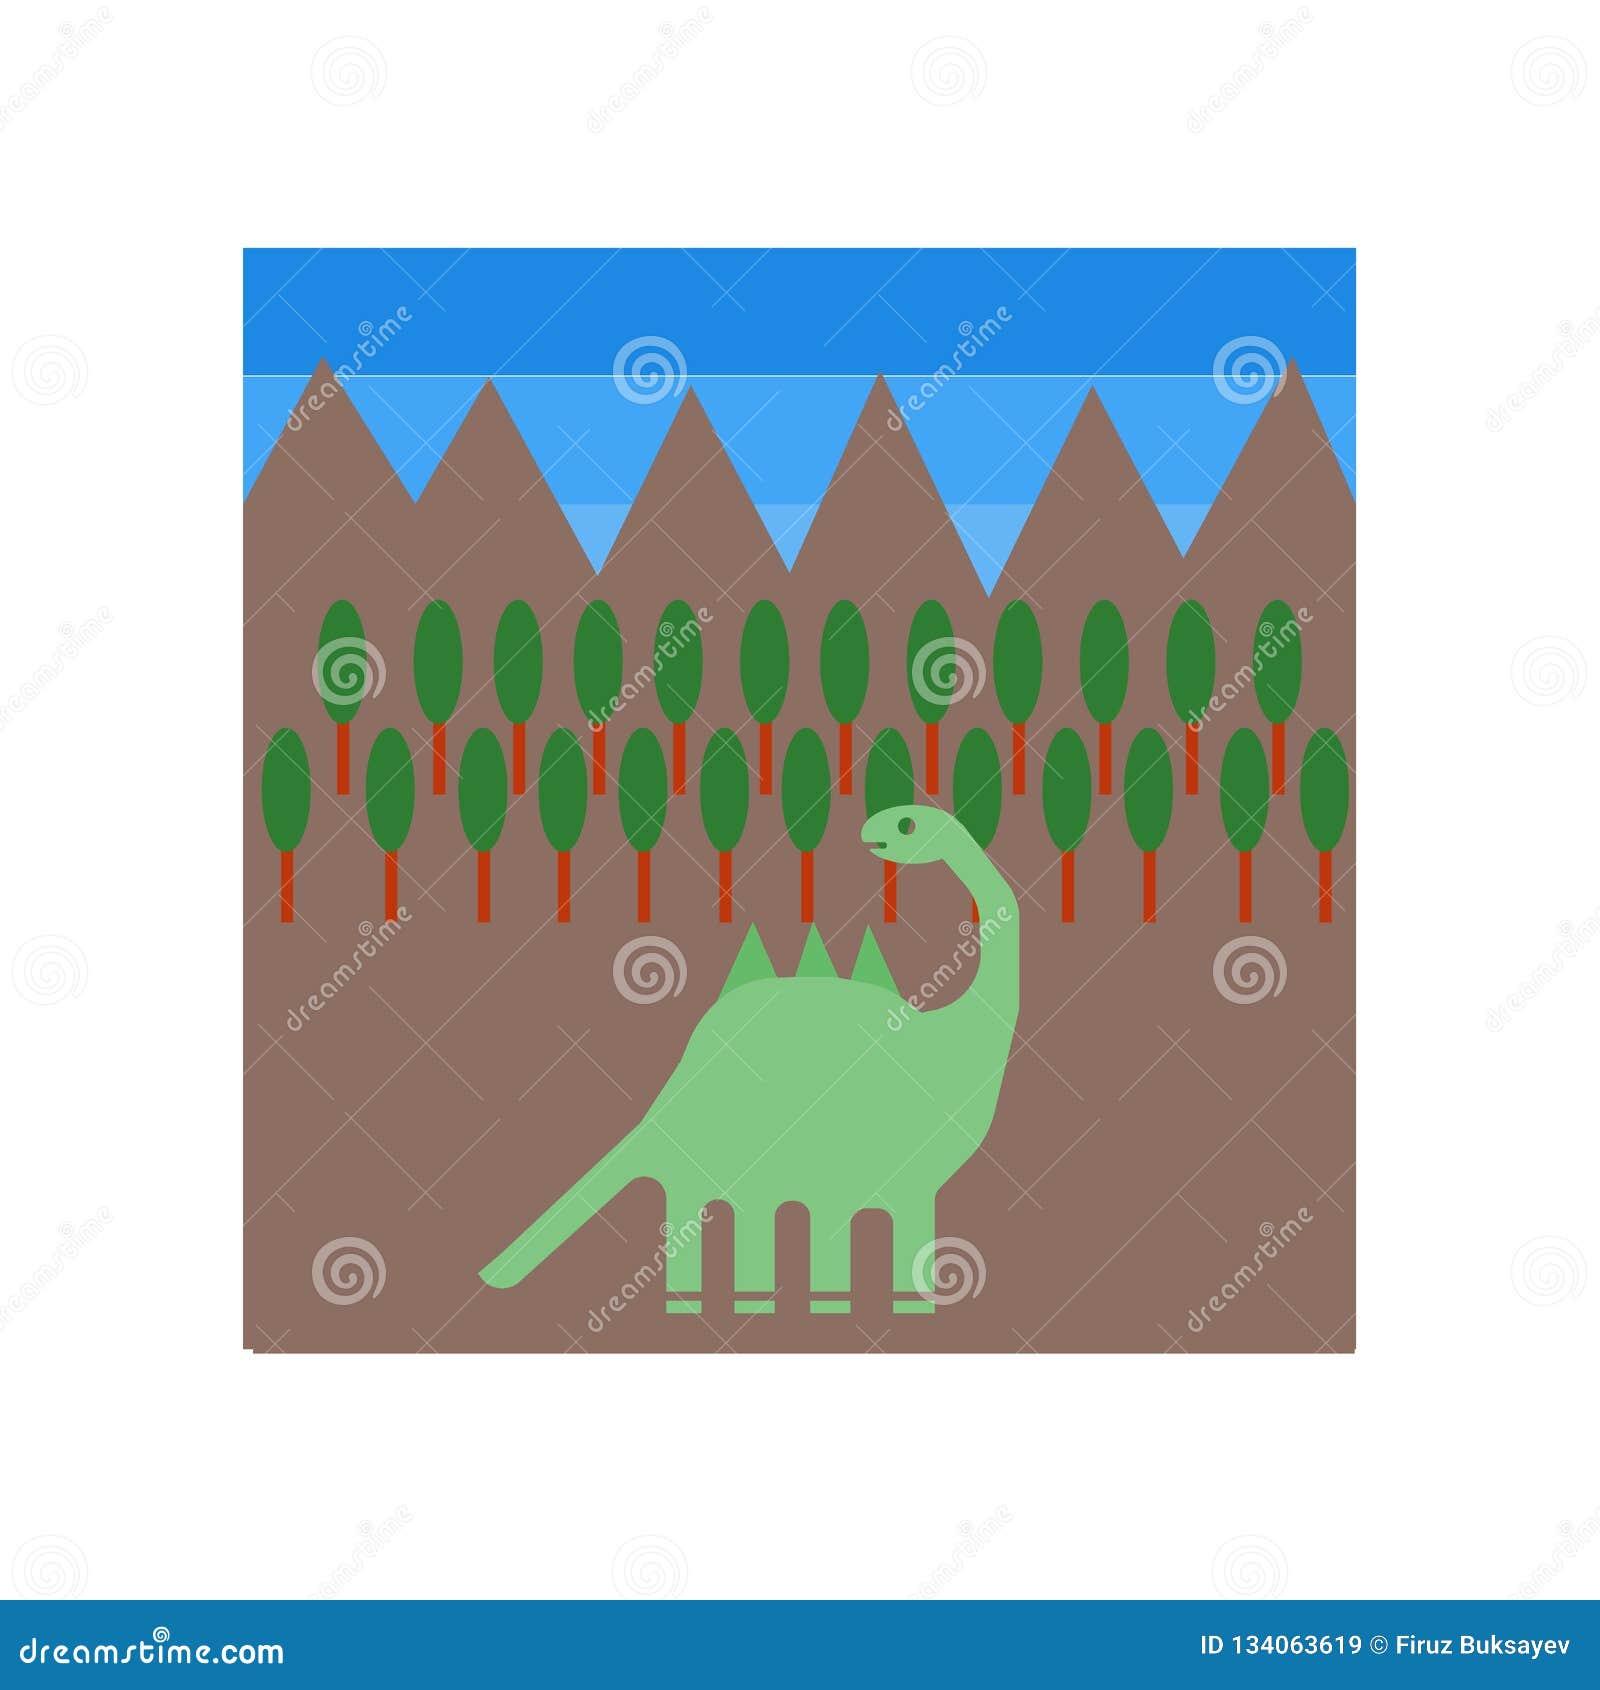 Dinosaurierikonenvektor lokalisiert auf weißem Hintergrund, Dinosaurierzeichen, historische Steinzeitaltersymbole